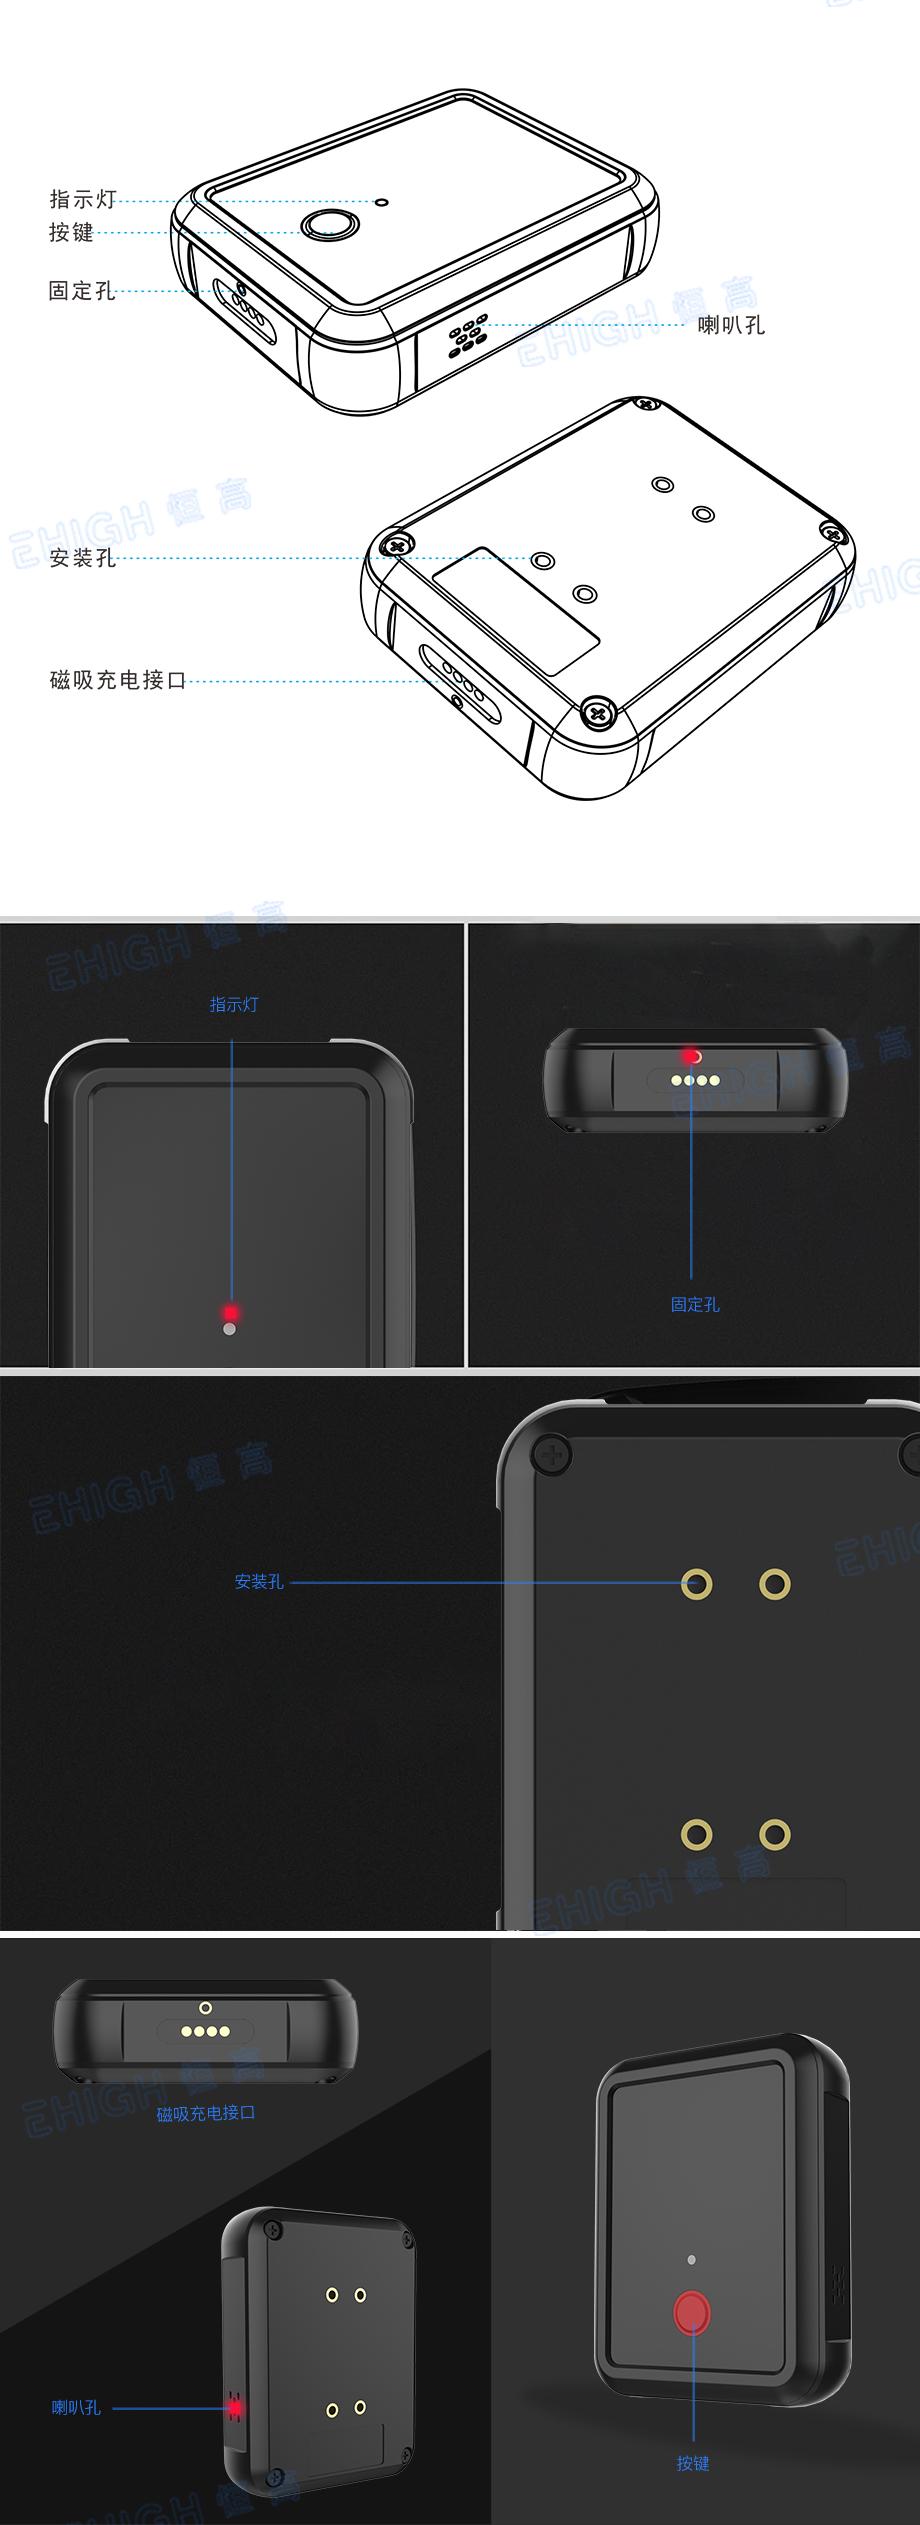 产品细节A05-B.jpg